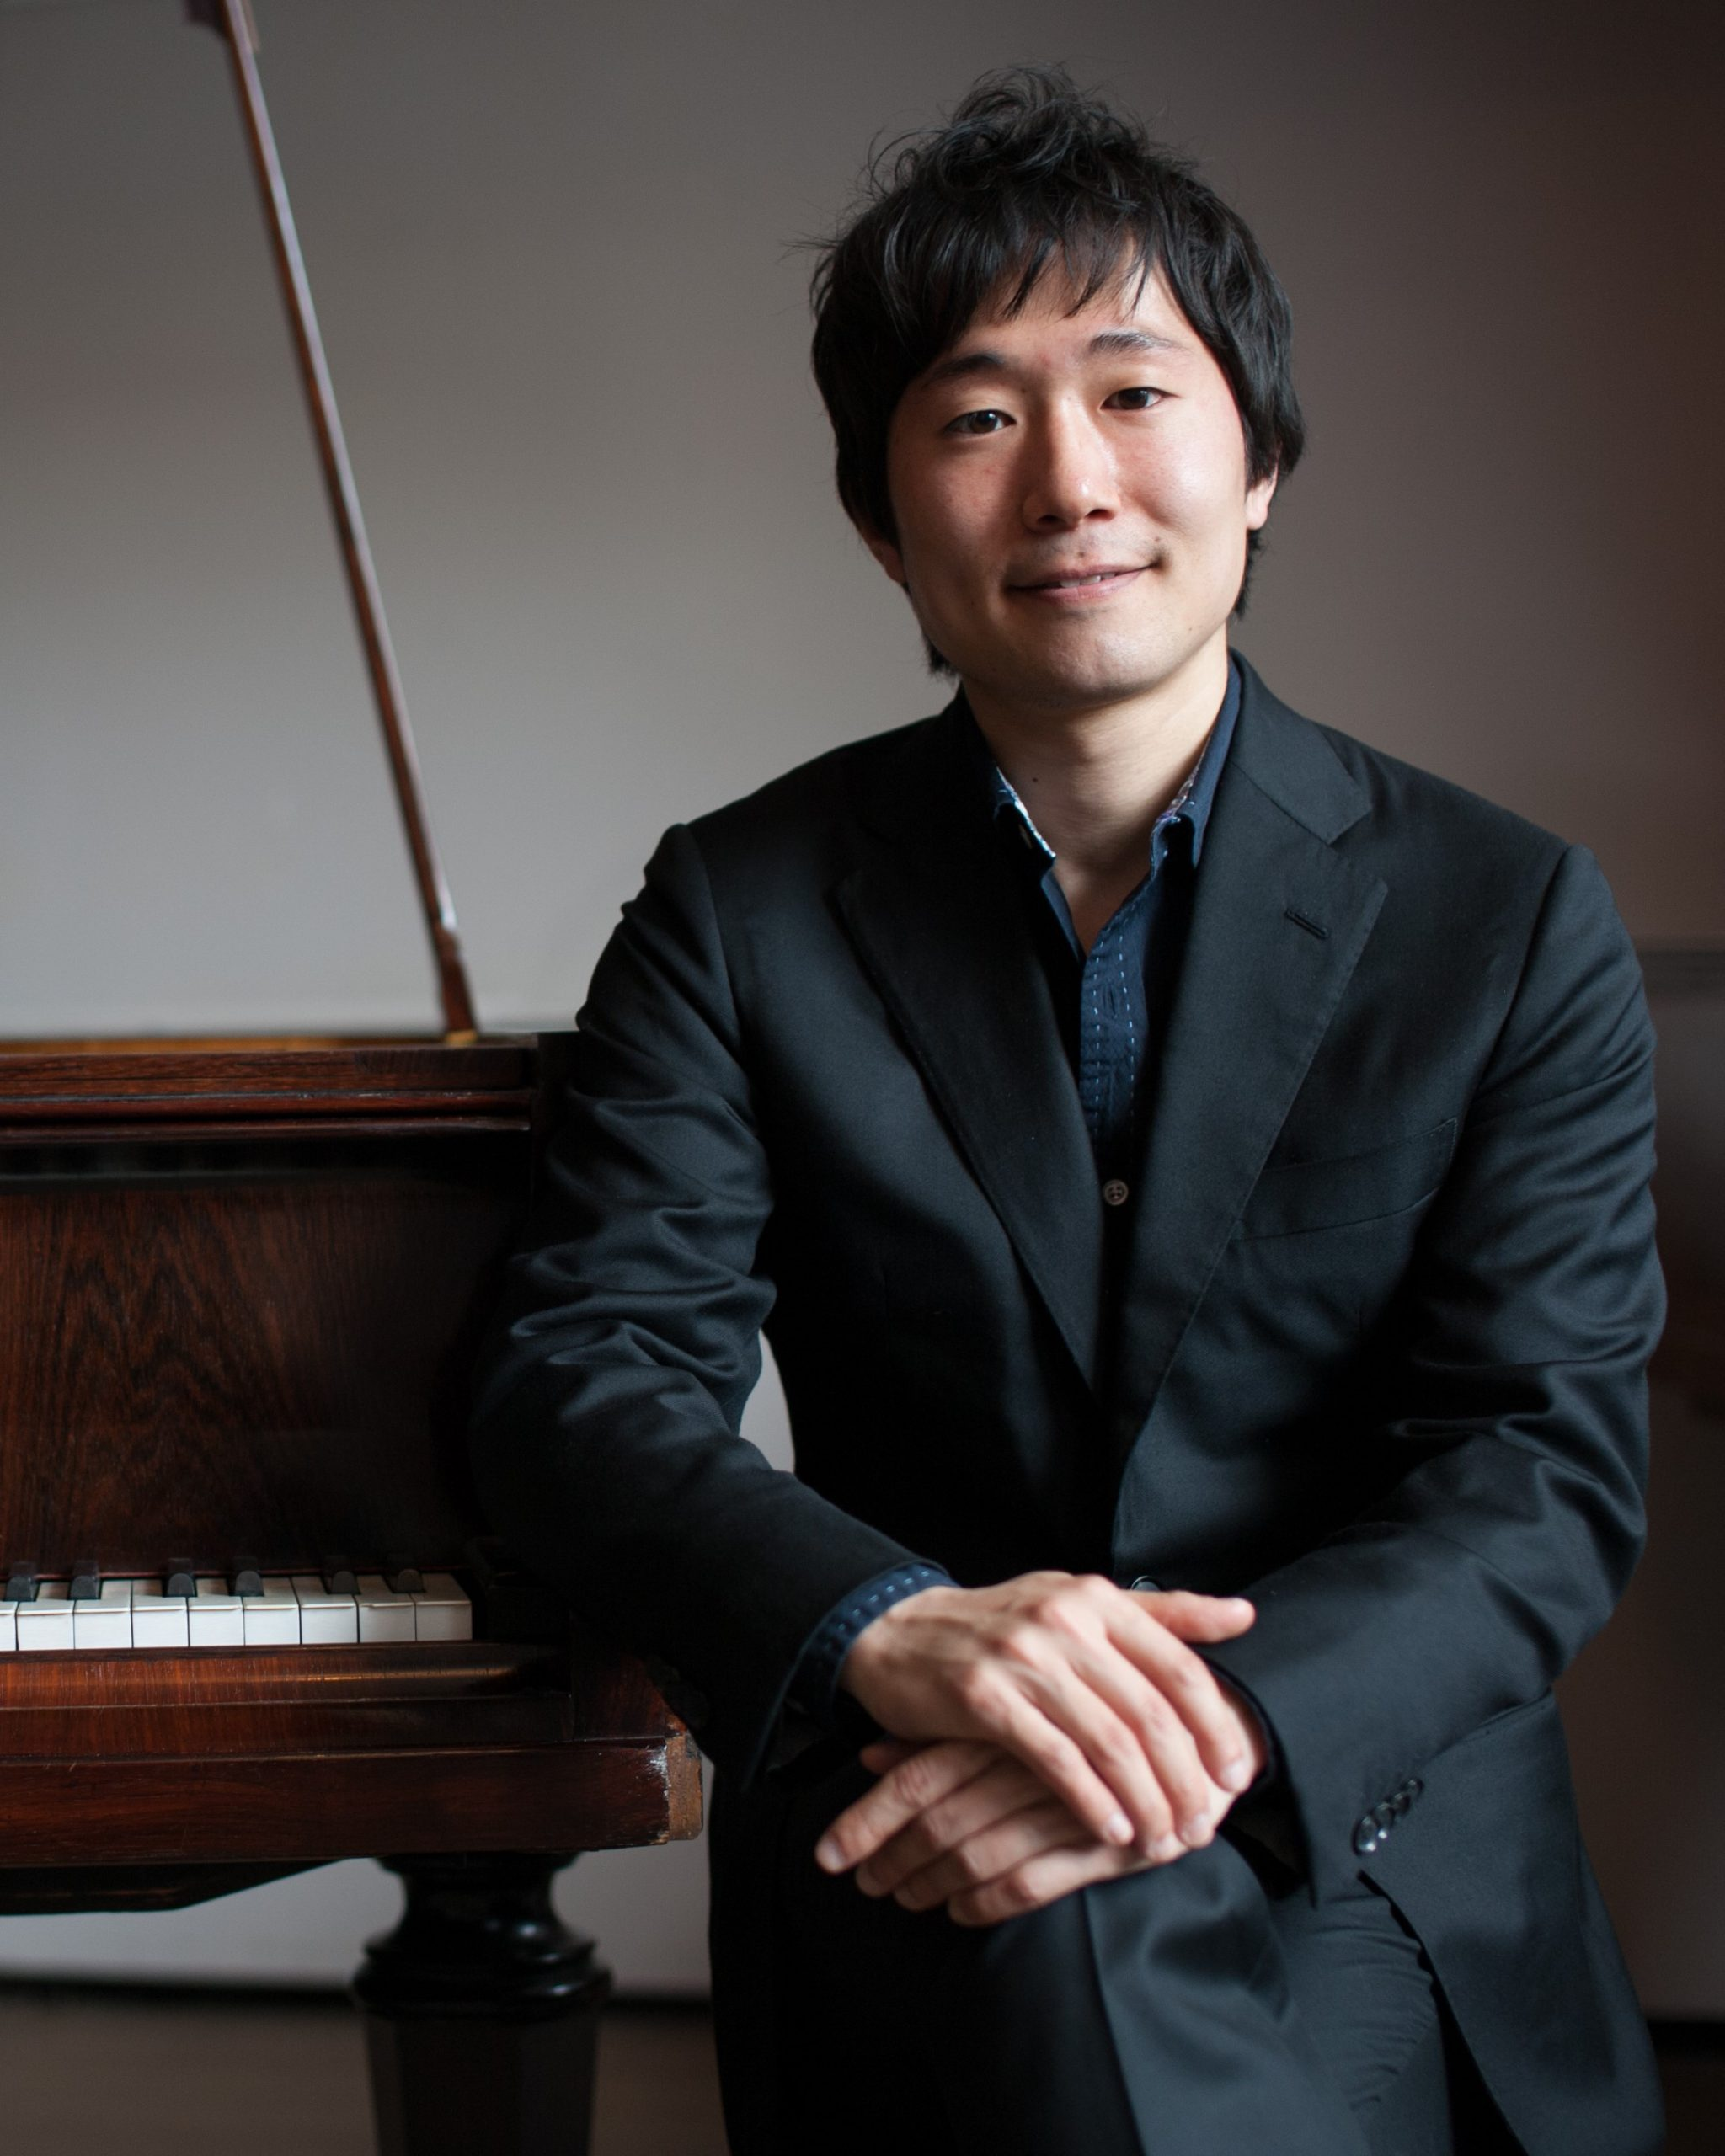 川口成彦フォルテピアノリサイタルシリーズ2020「ベートーヴェン生誕250年記念」